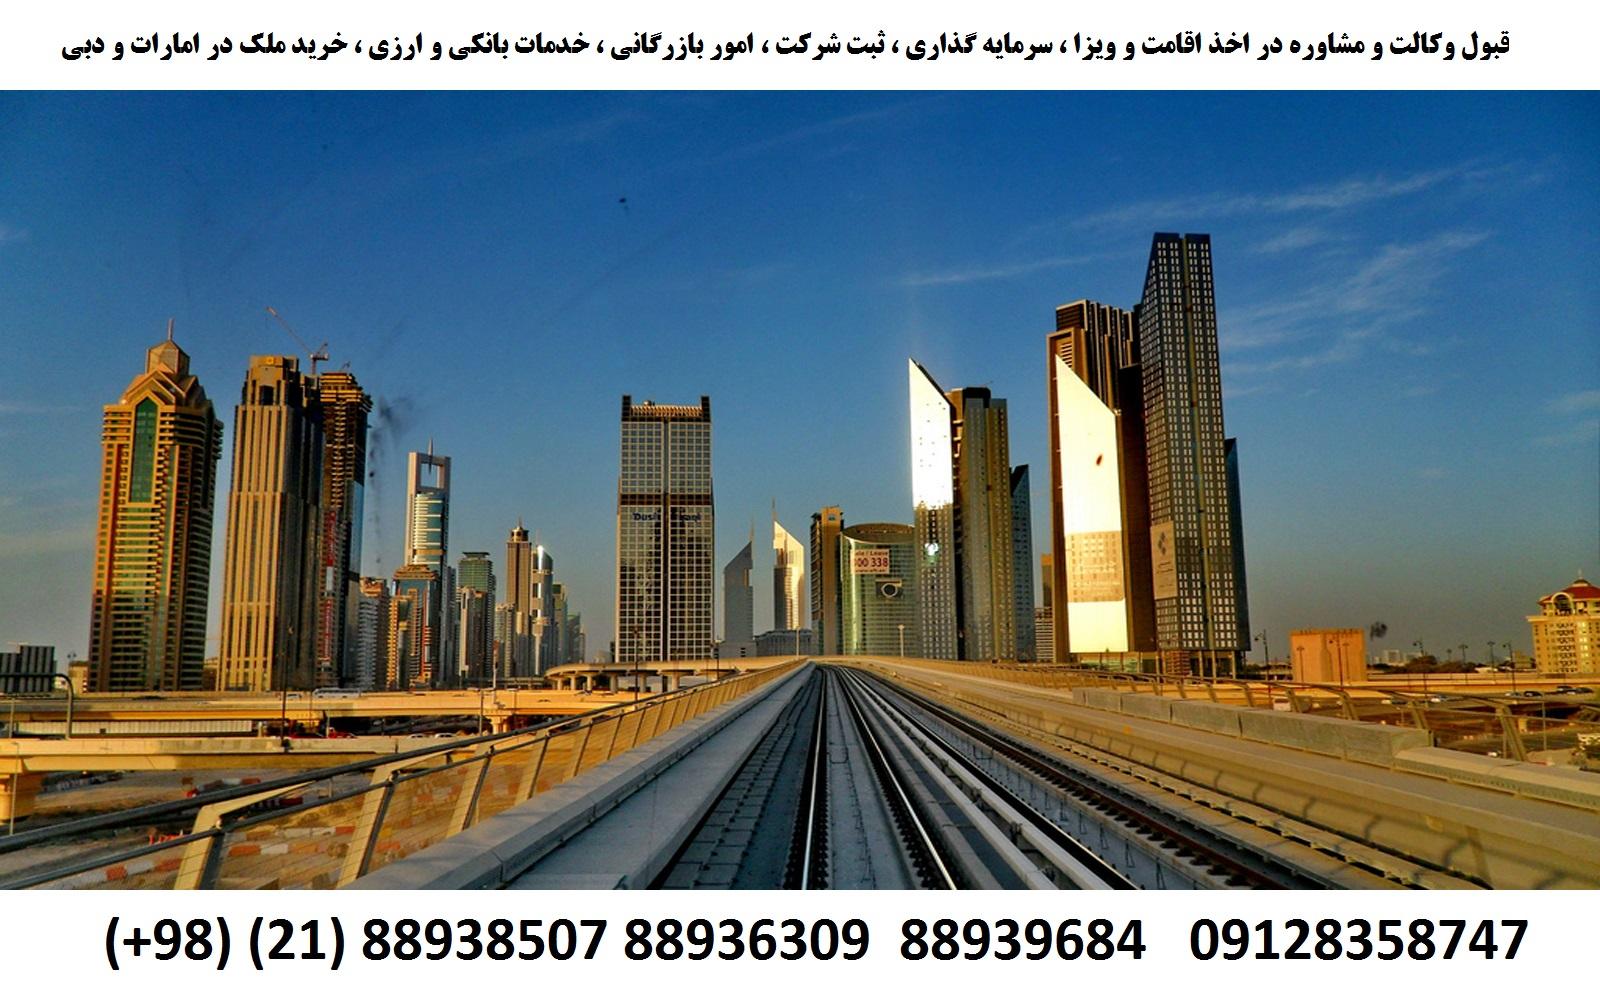 اقامت ، ثبت شرکت ، سرمایه گذاری ، خرید ملک در امارات و دبی (4)